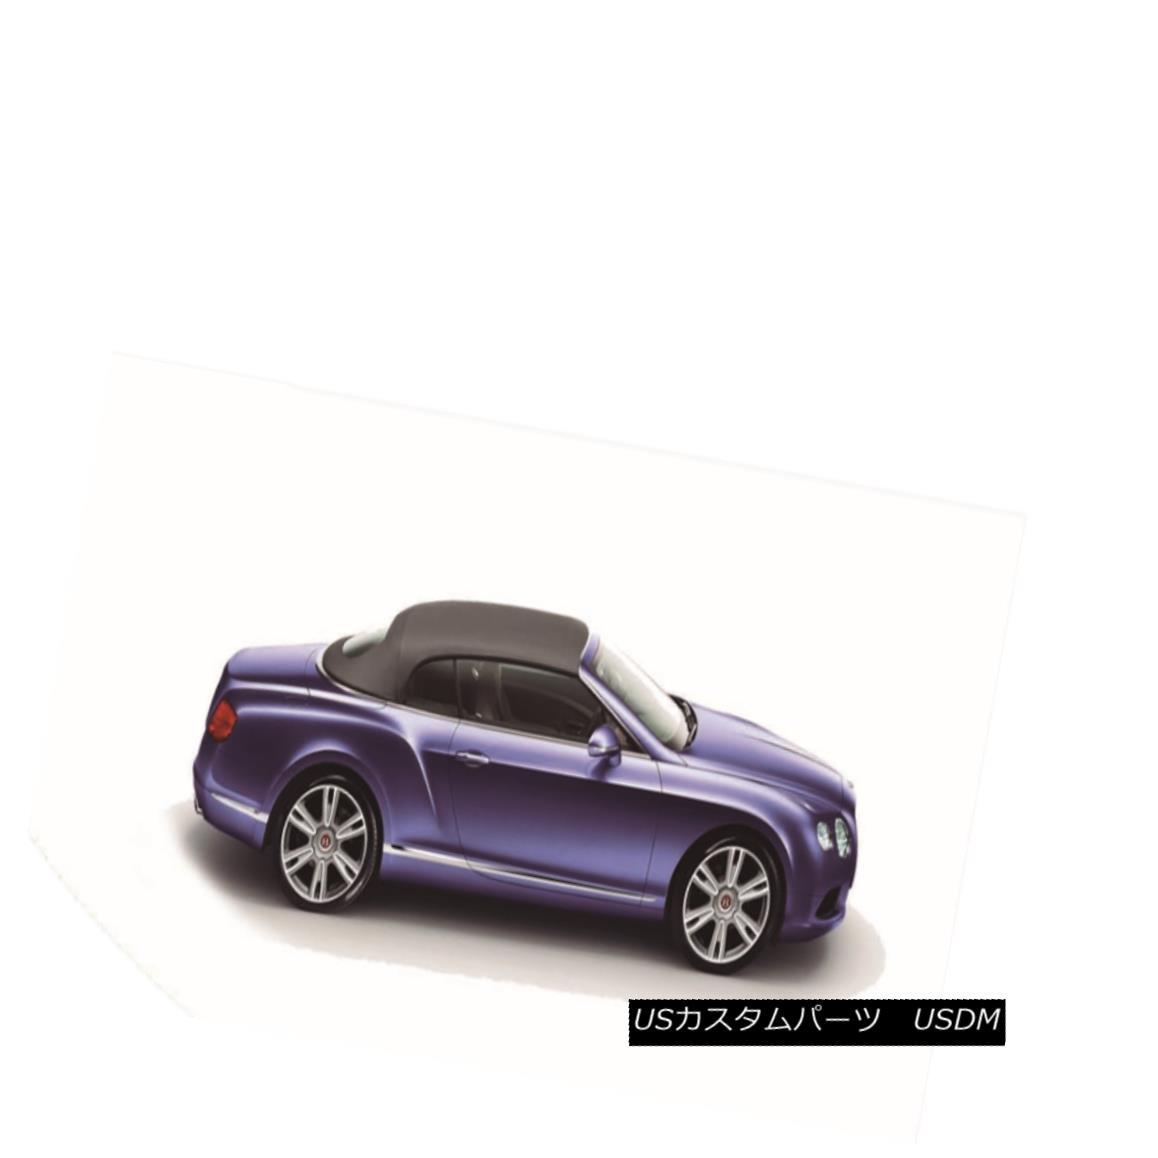 幌・ソフトトップ 2007-2014 Bentley GT GTC Replacement Convertible Soft Top- Brown Twillfast RPC 2007-2014ベントレーGT GTC交換コンバーチブルソフトトップブラウンツイルファーストRPC